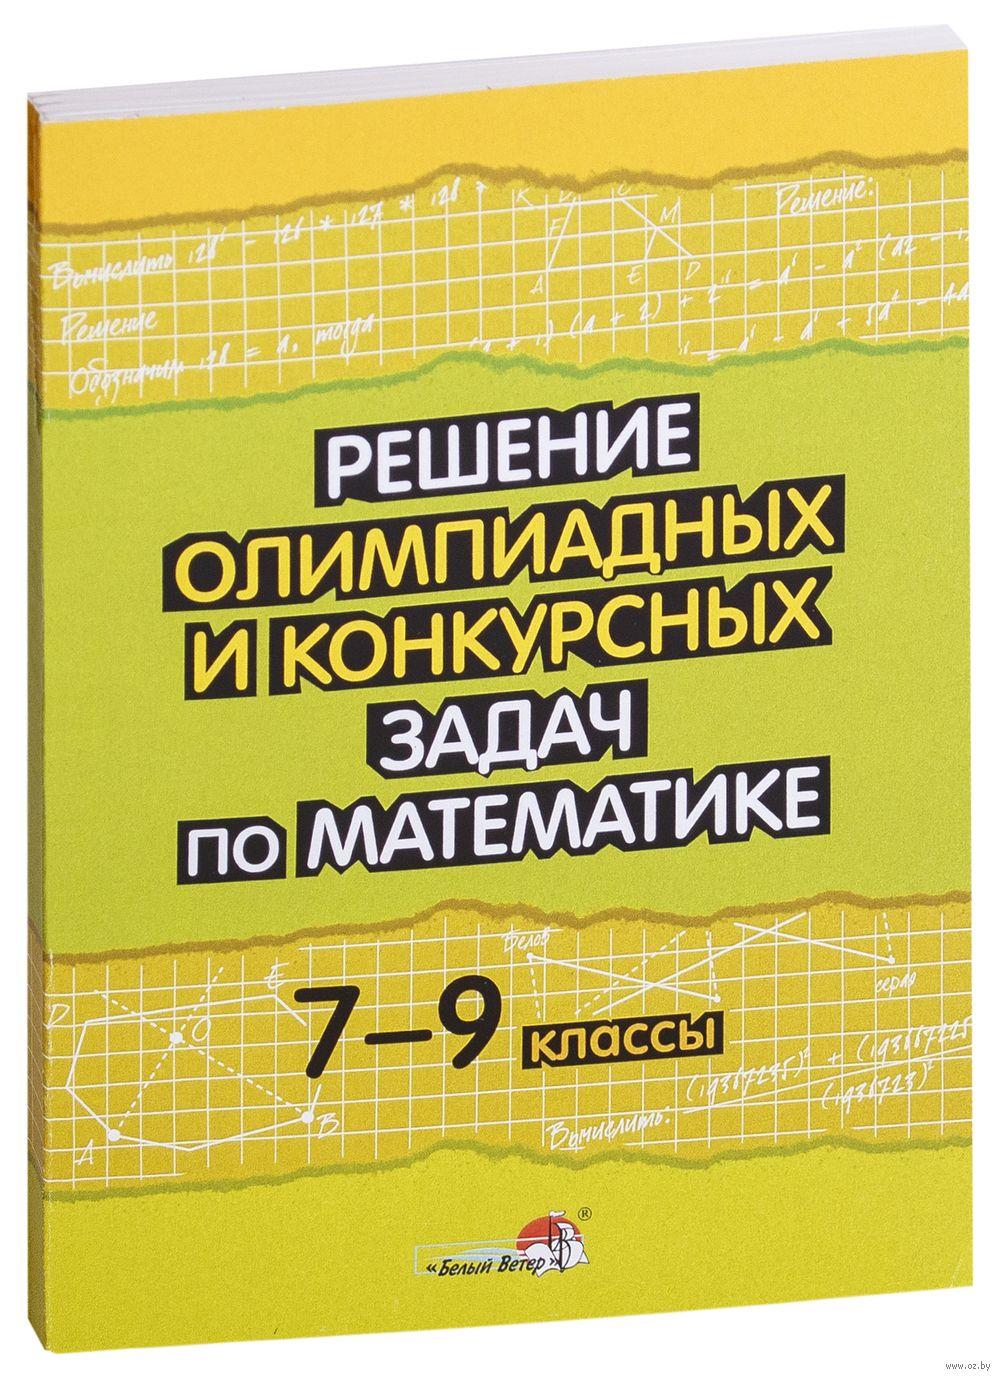 Задачи конкурсные 7 класс математика с решением задачи по акцизной продукции с решением